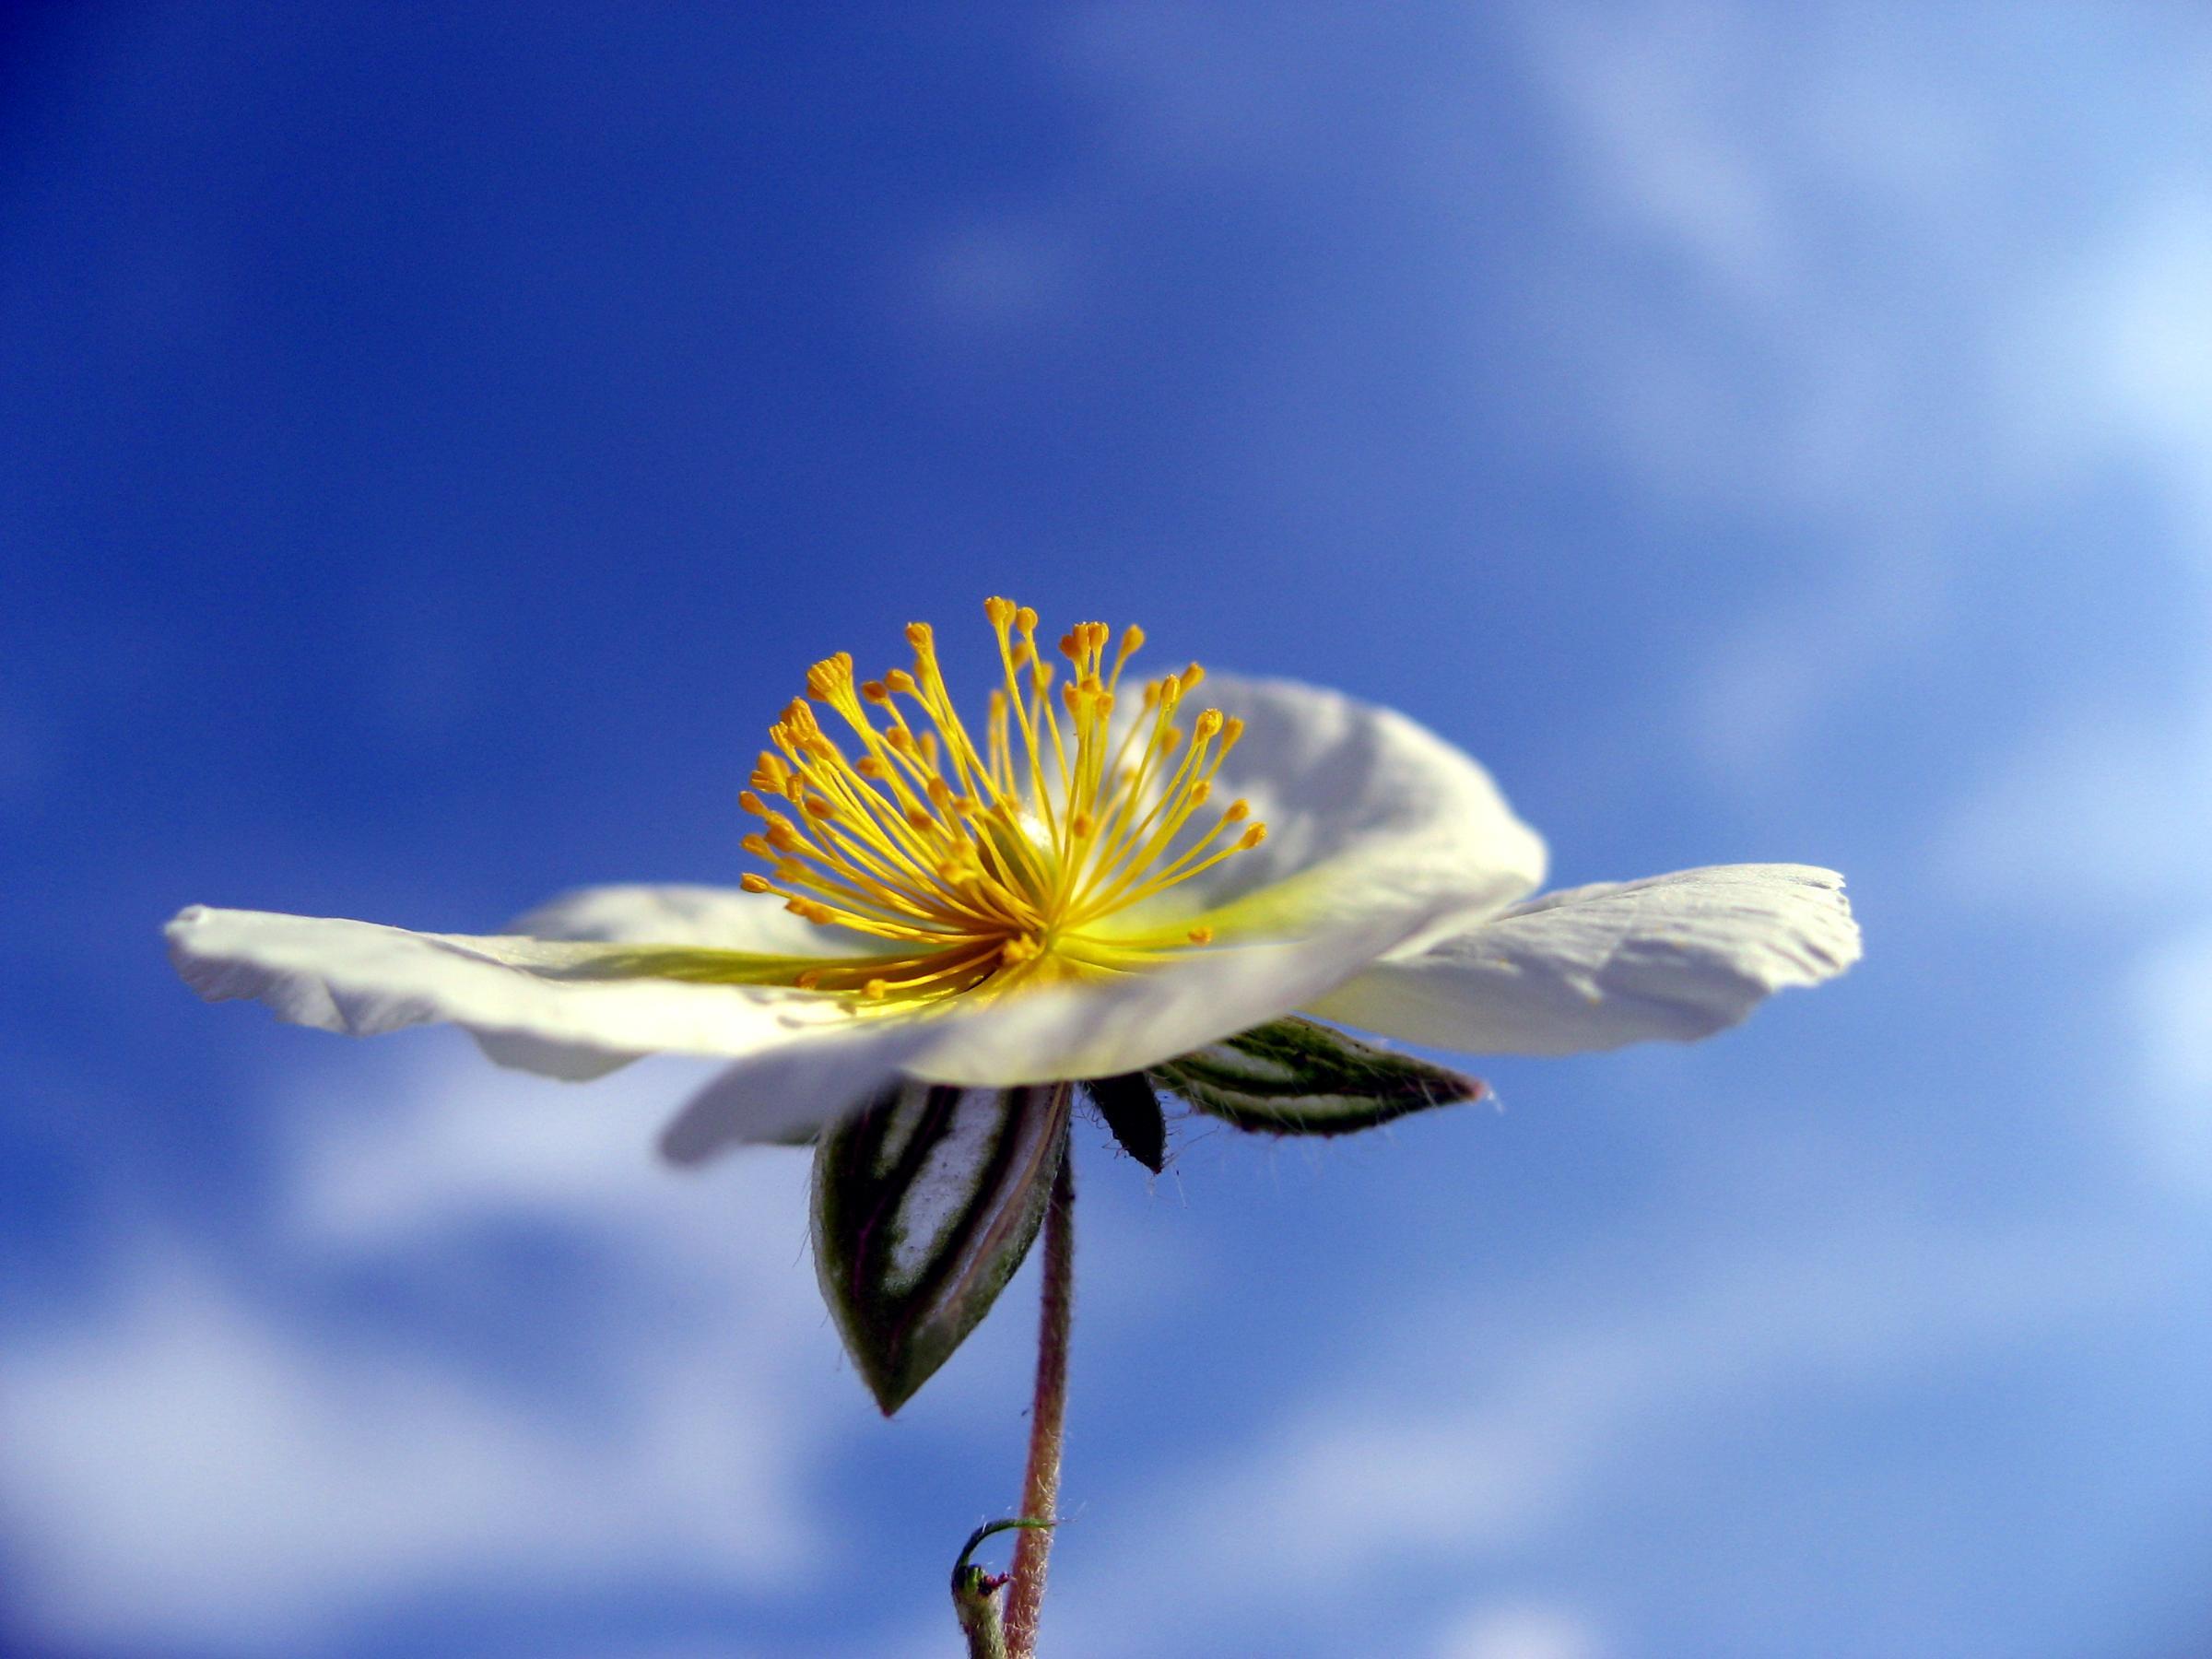 Çiçekler ve gökyüzü-89